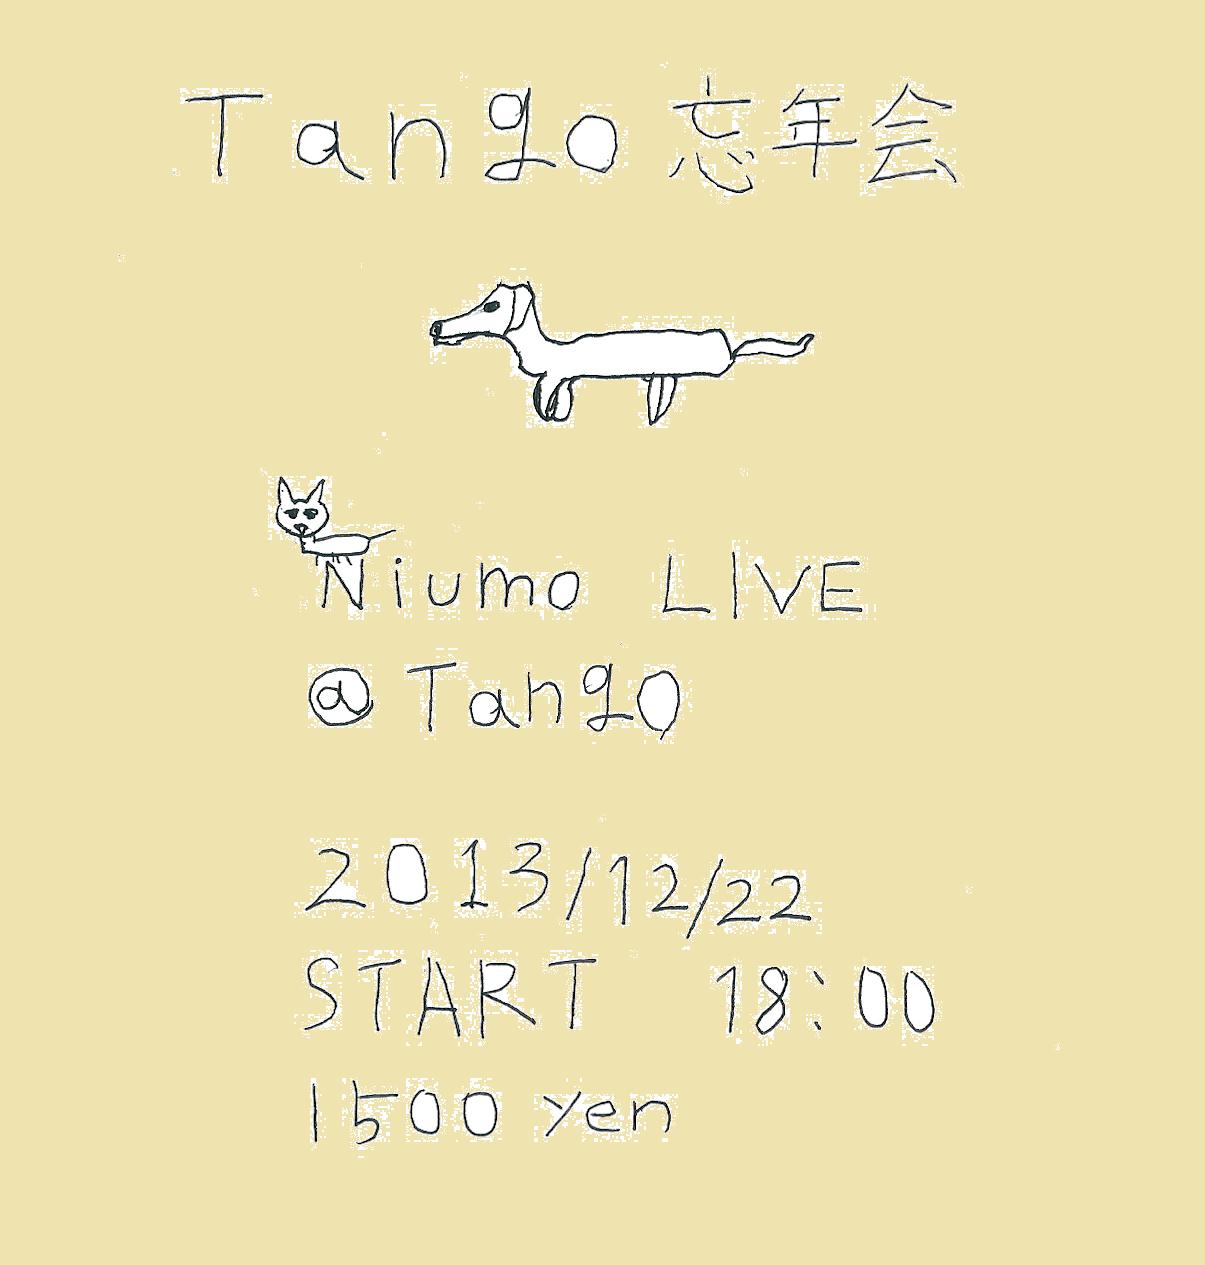 ちいさなうたたねいちと、Tangoの忘年会_b0241033_22235713.png